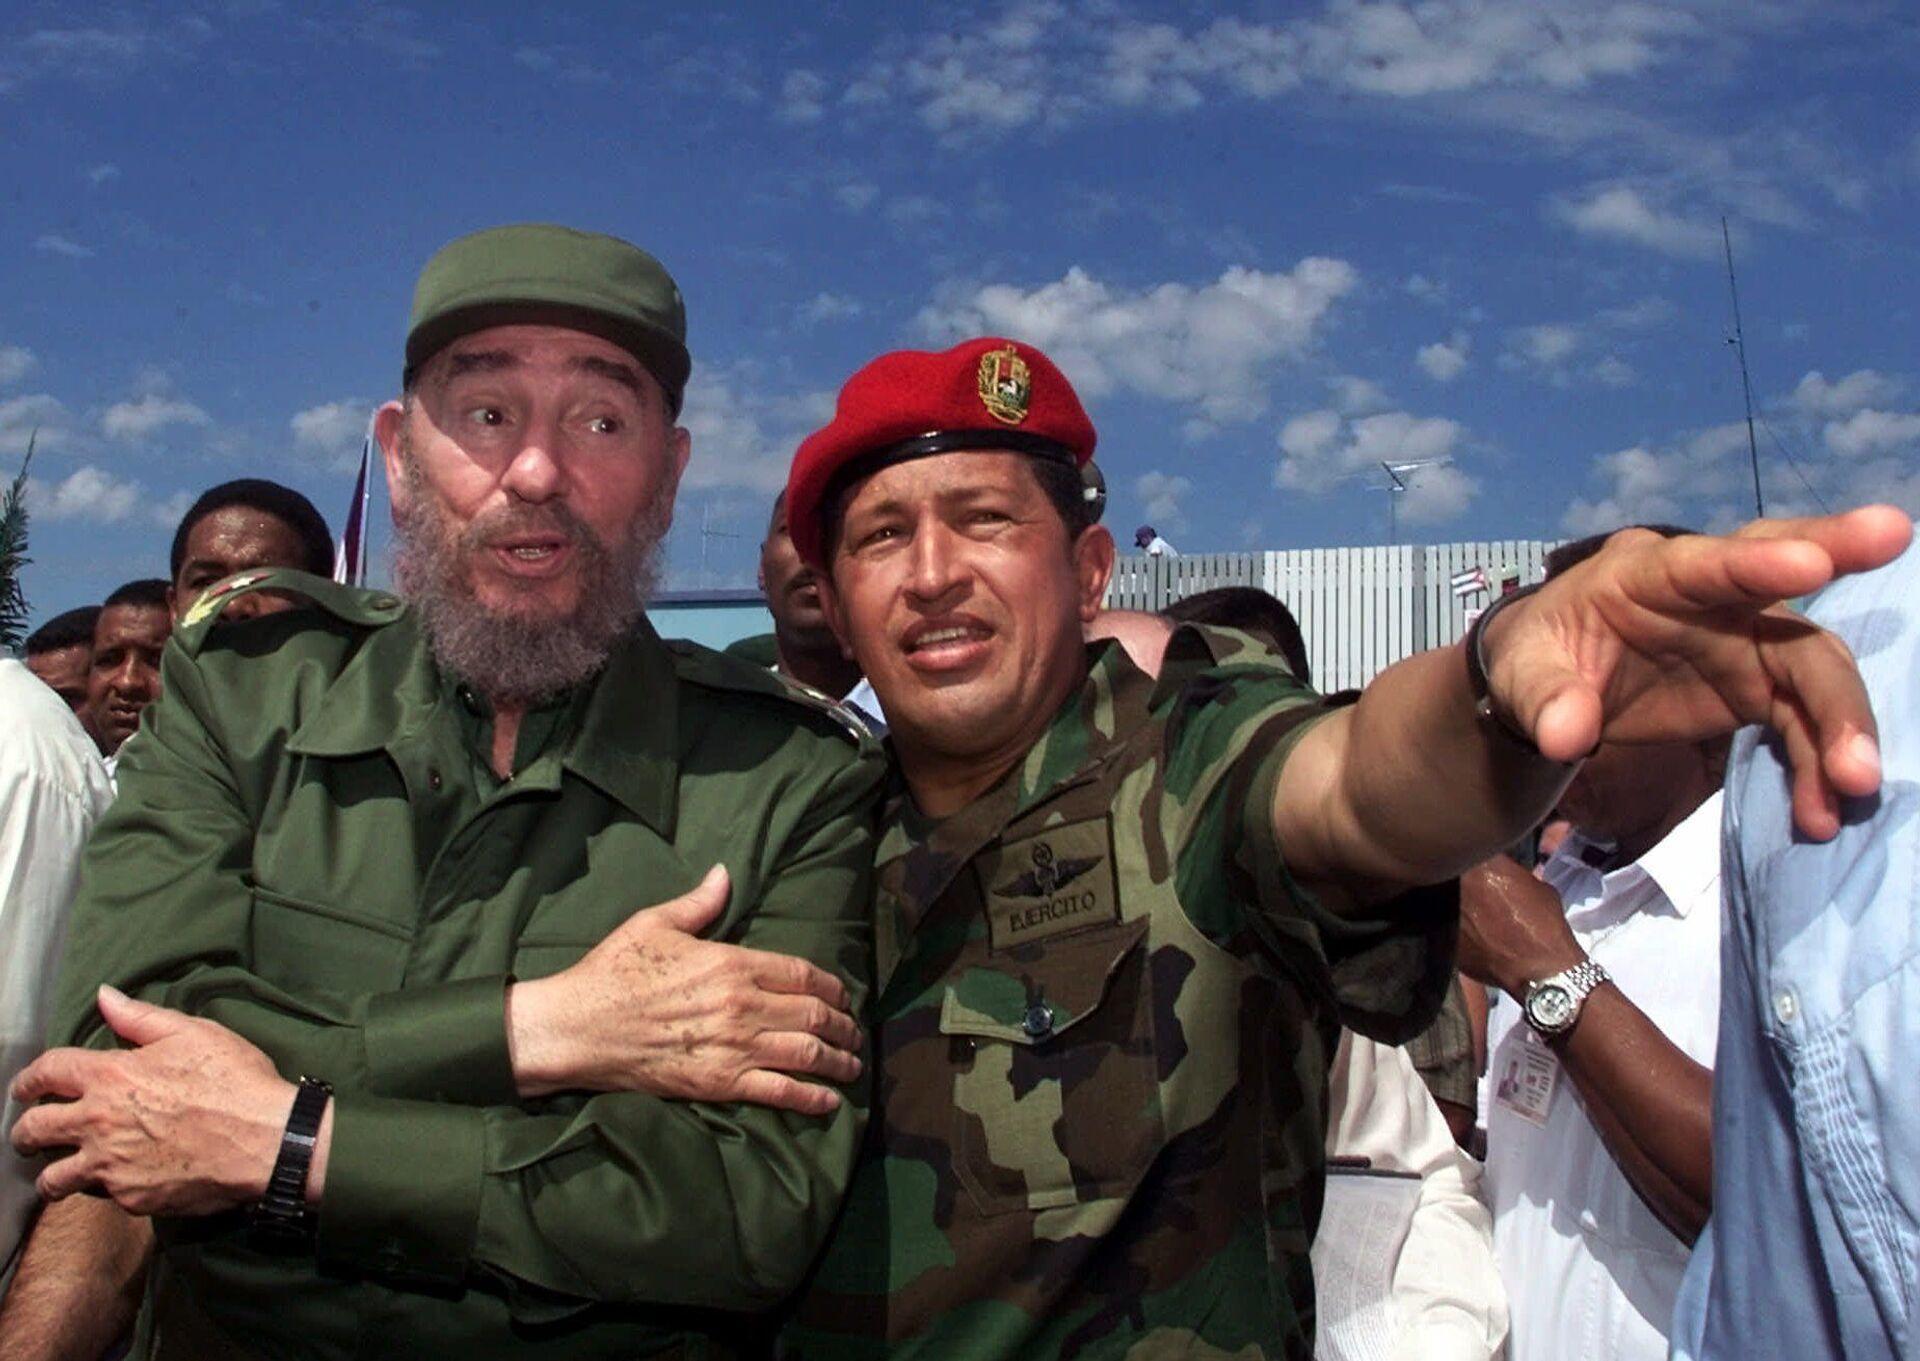 Президент Кубы Фидель Кастро с президентом Венесуэлы Уго Чавесом в Баринасе, Венесуэла - РИА Новости, 1920, 09.10.2020